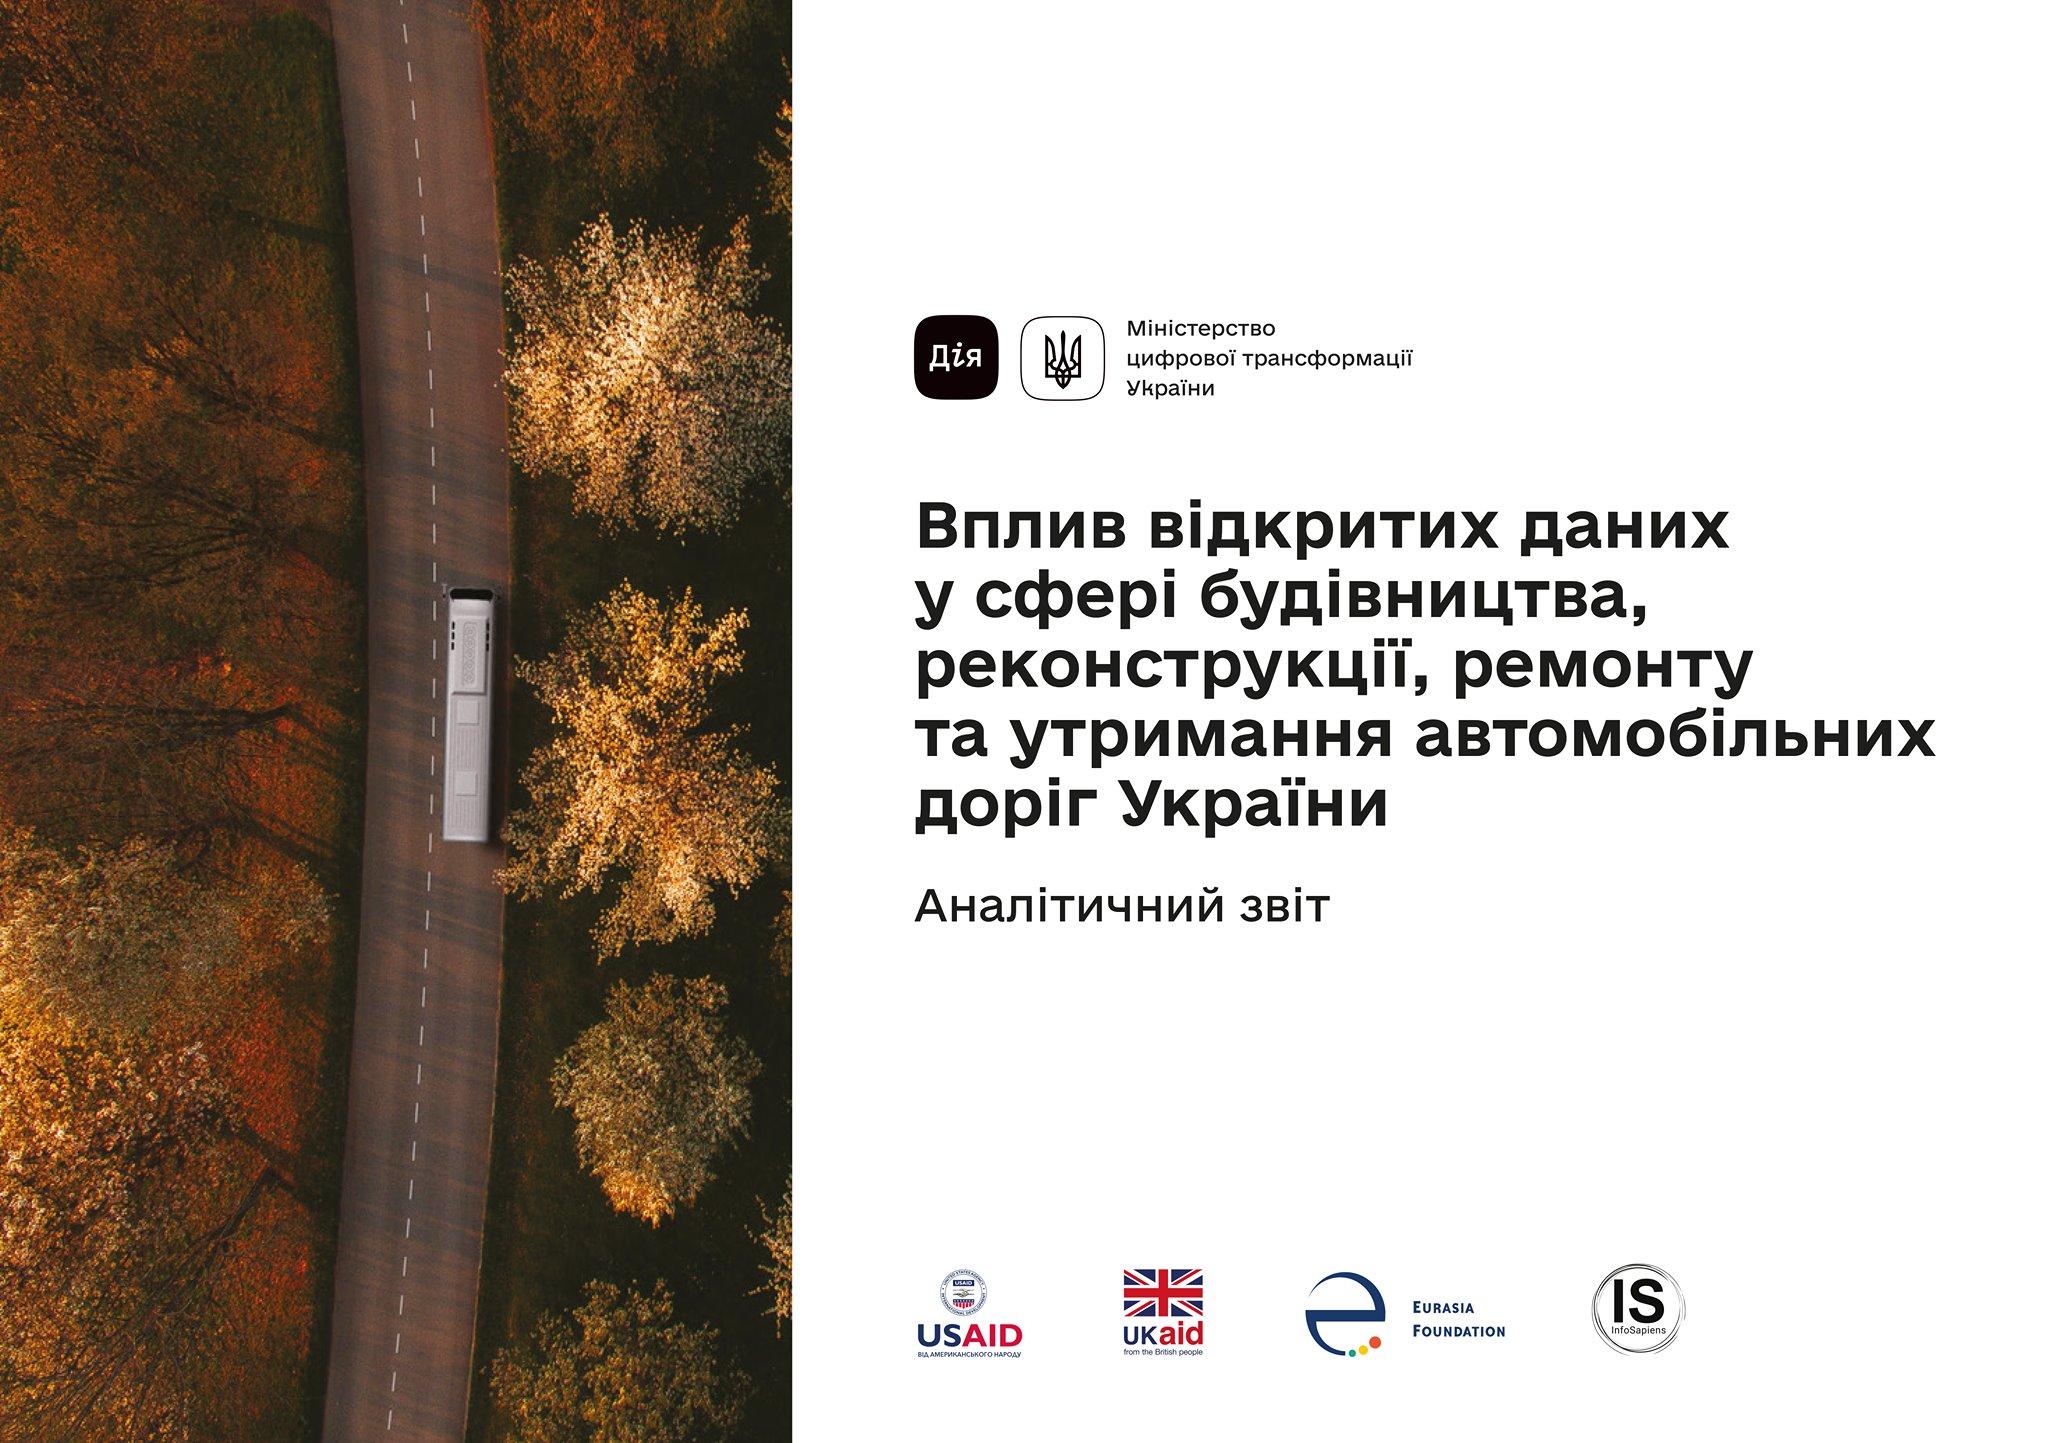 В Україні проаналізували, як відкриті дані впливають на ремонт і будівництво доріг